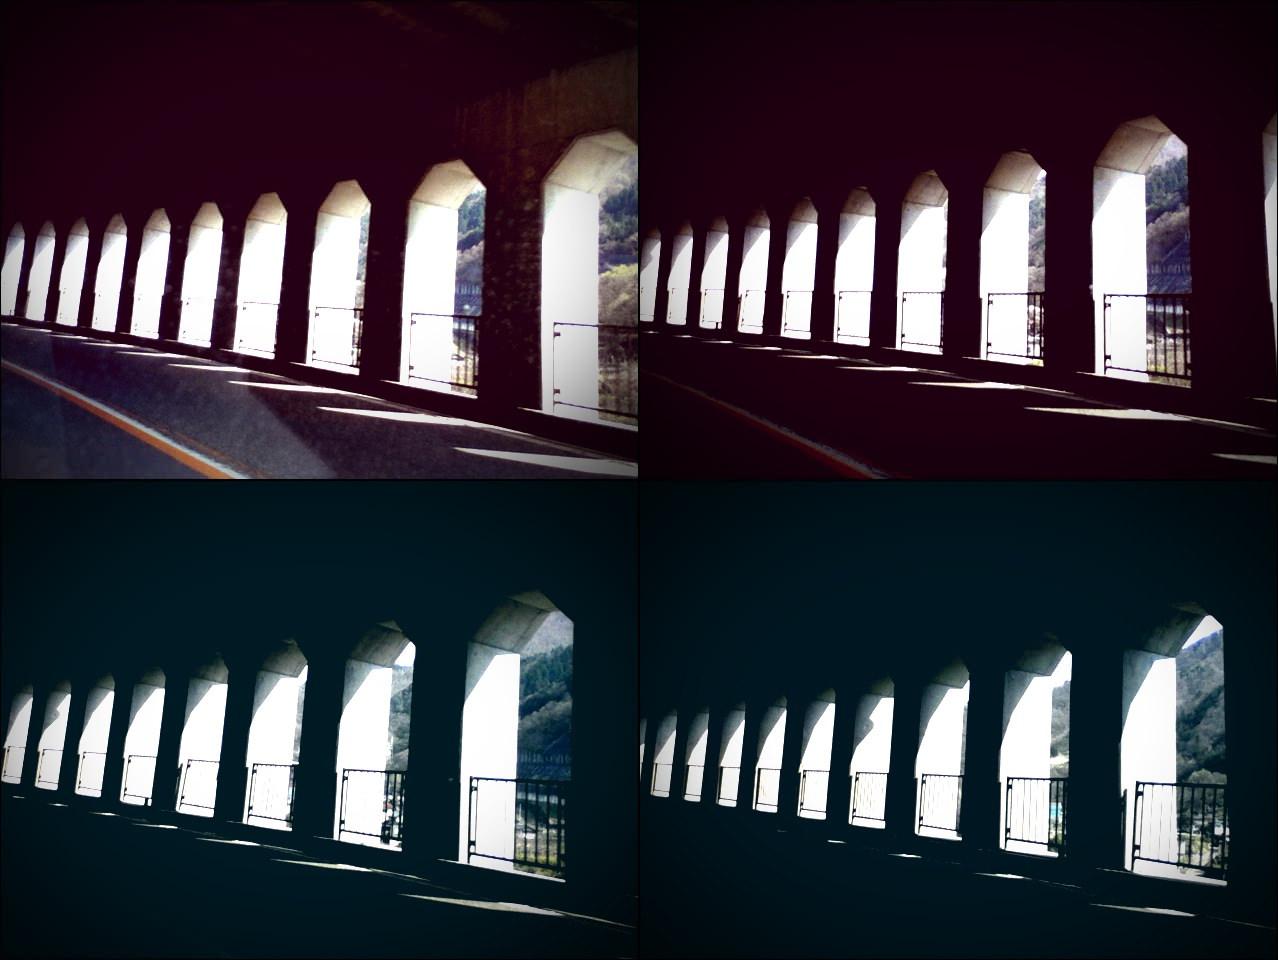 ipodtouch_yamanashi2012_4-7